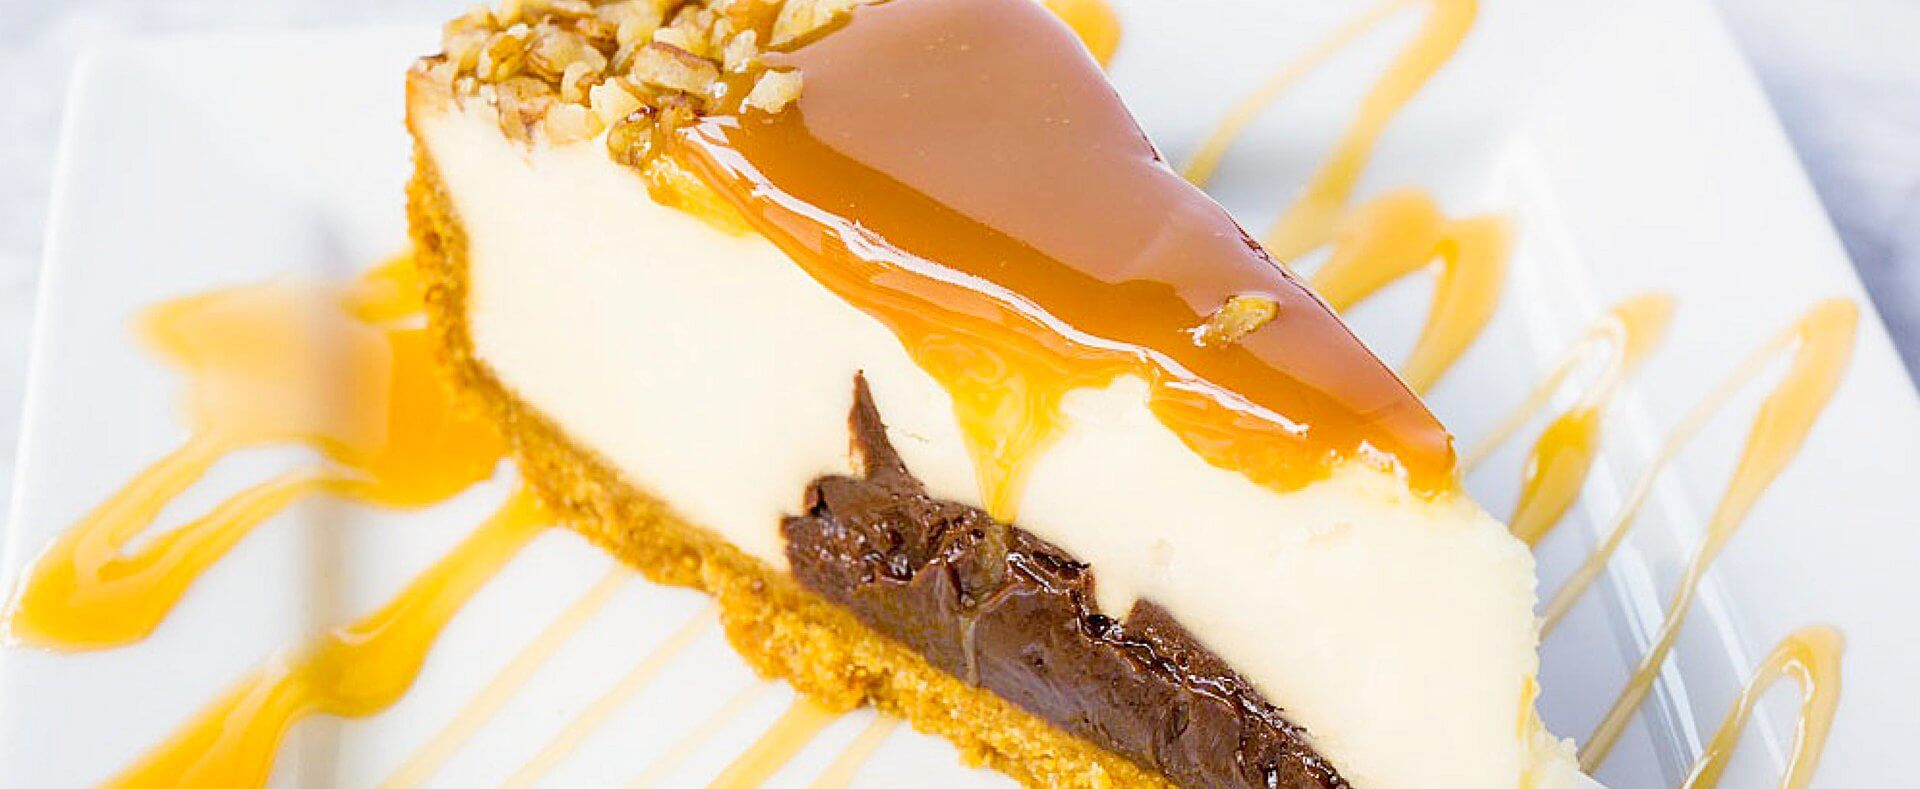 a very sweet dessert